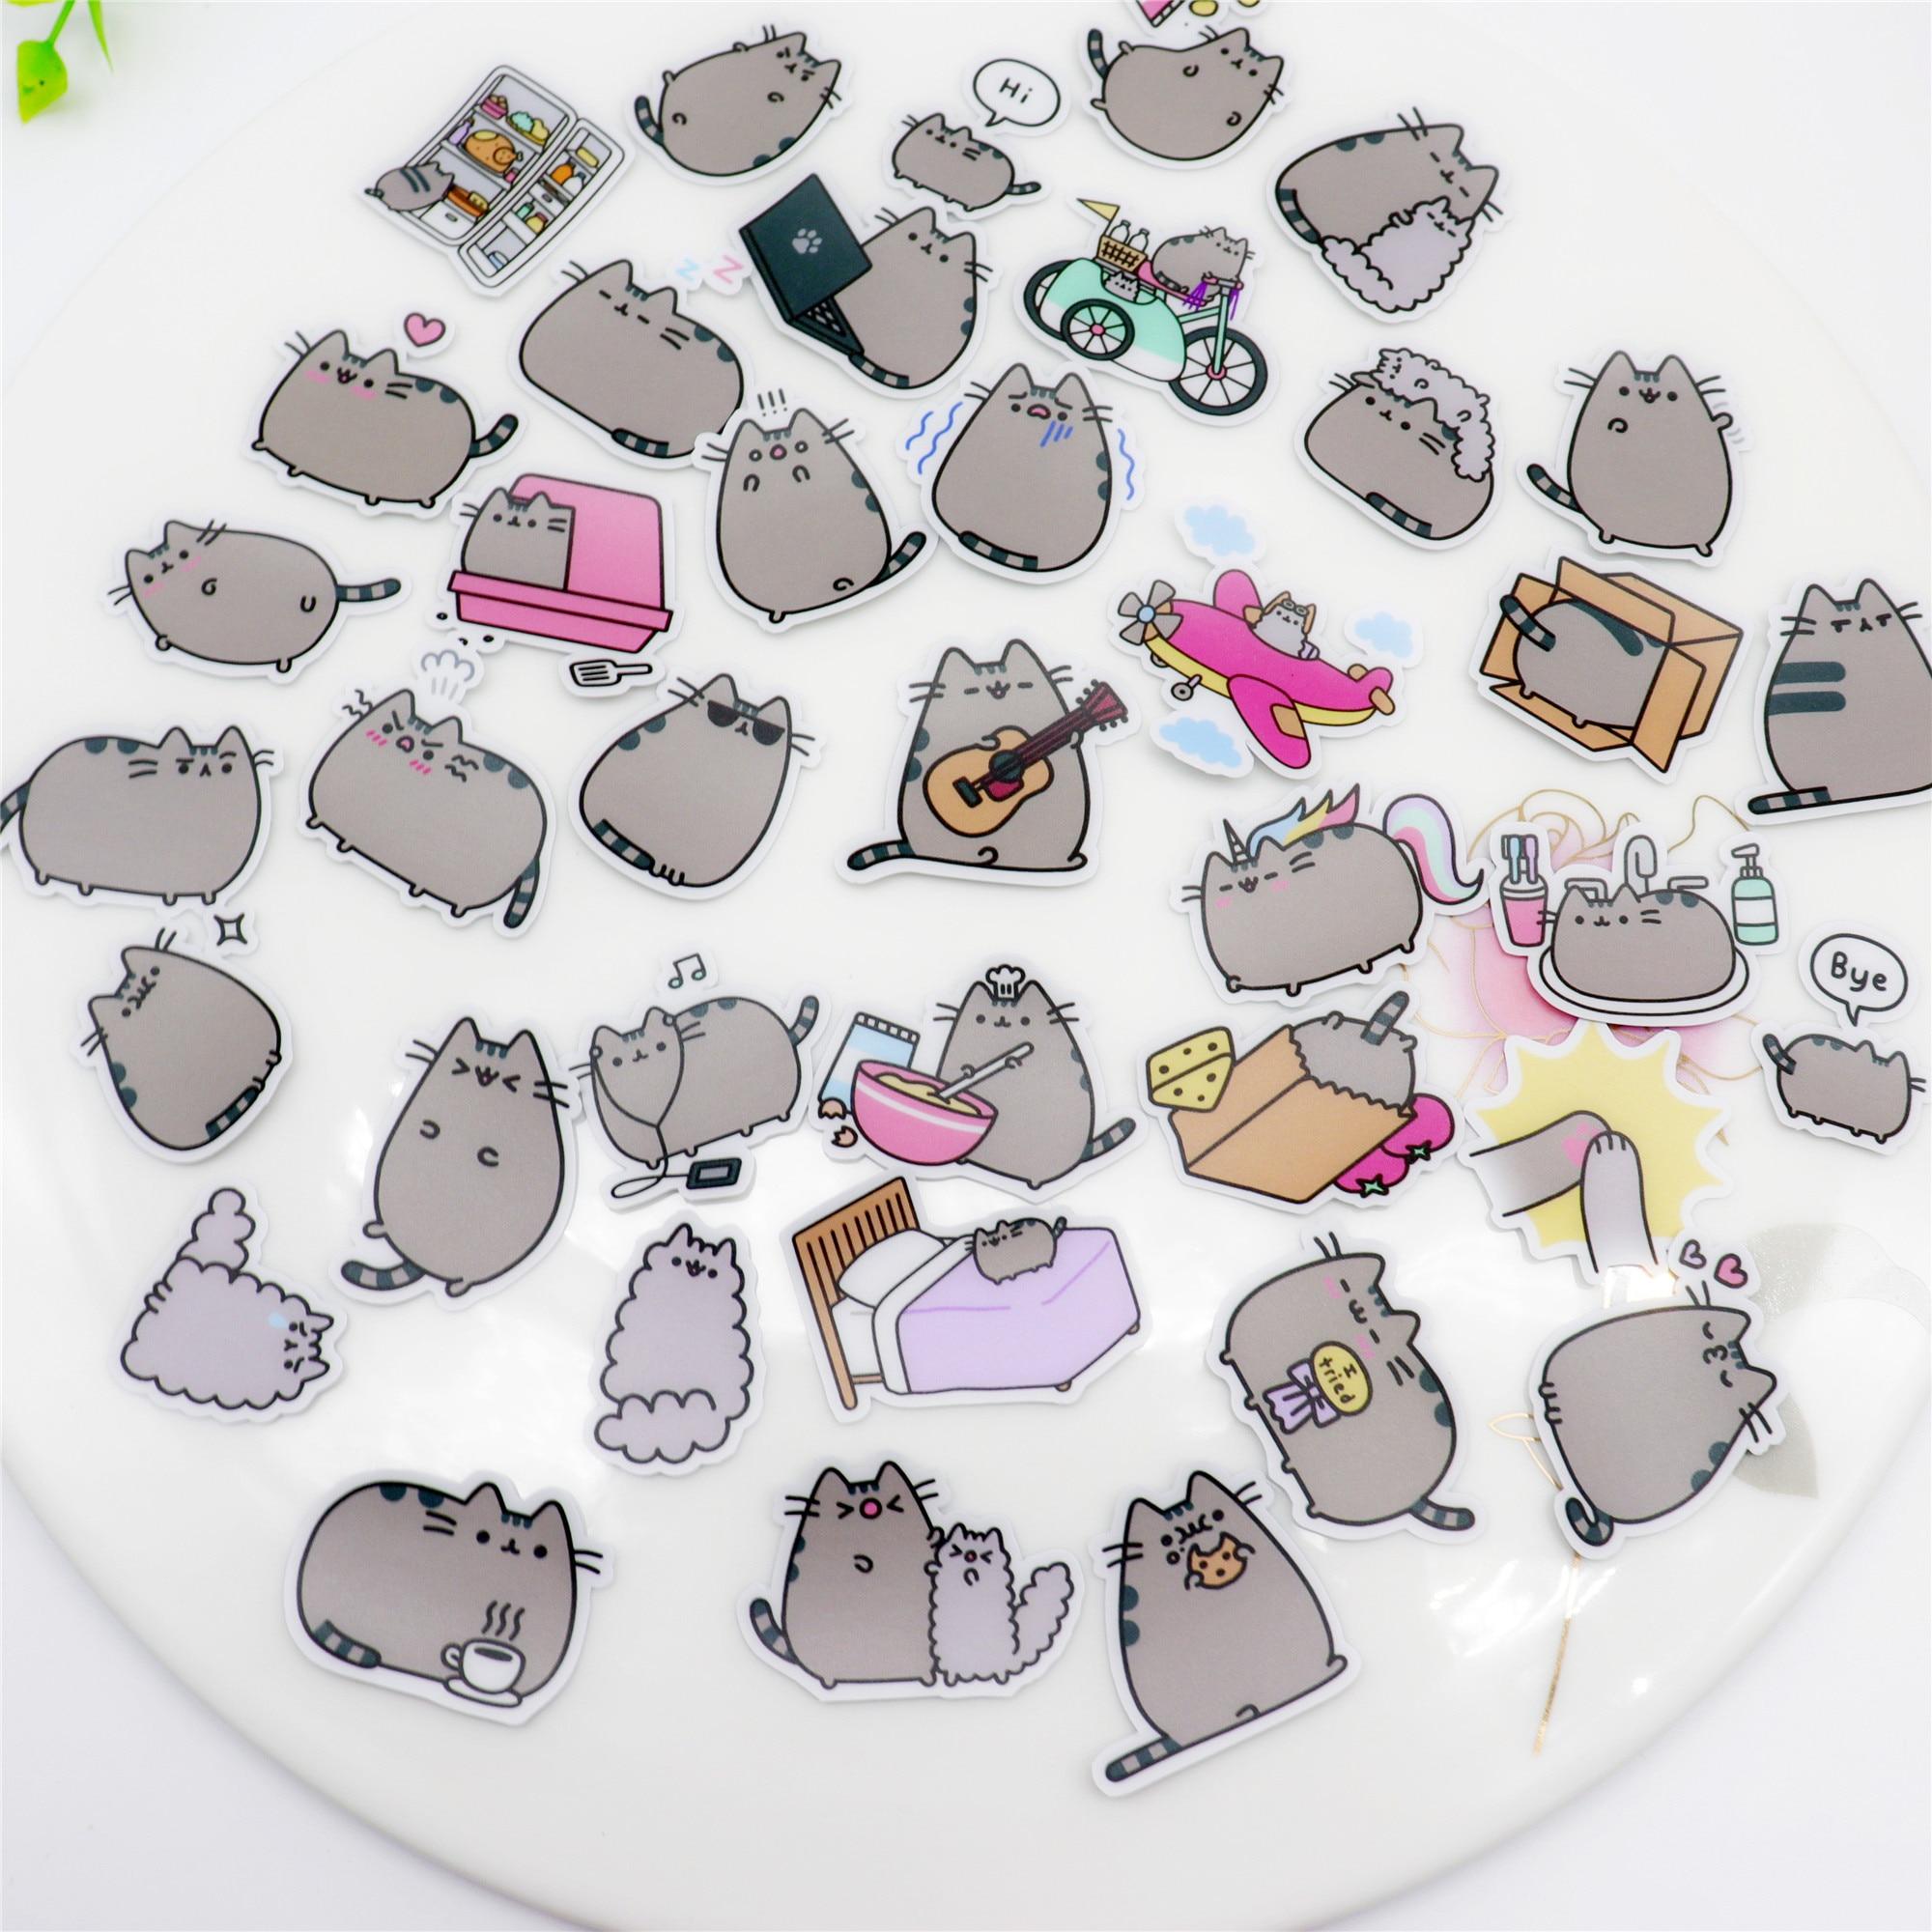 39 шт. креативные милые наклейки для скрапбукинга с толстым котом, декоративные наклейки, водонепроницаемые фотоальбомы «сделай сам»